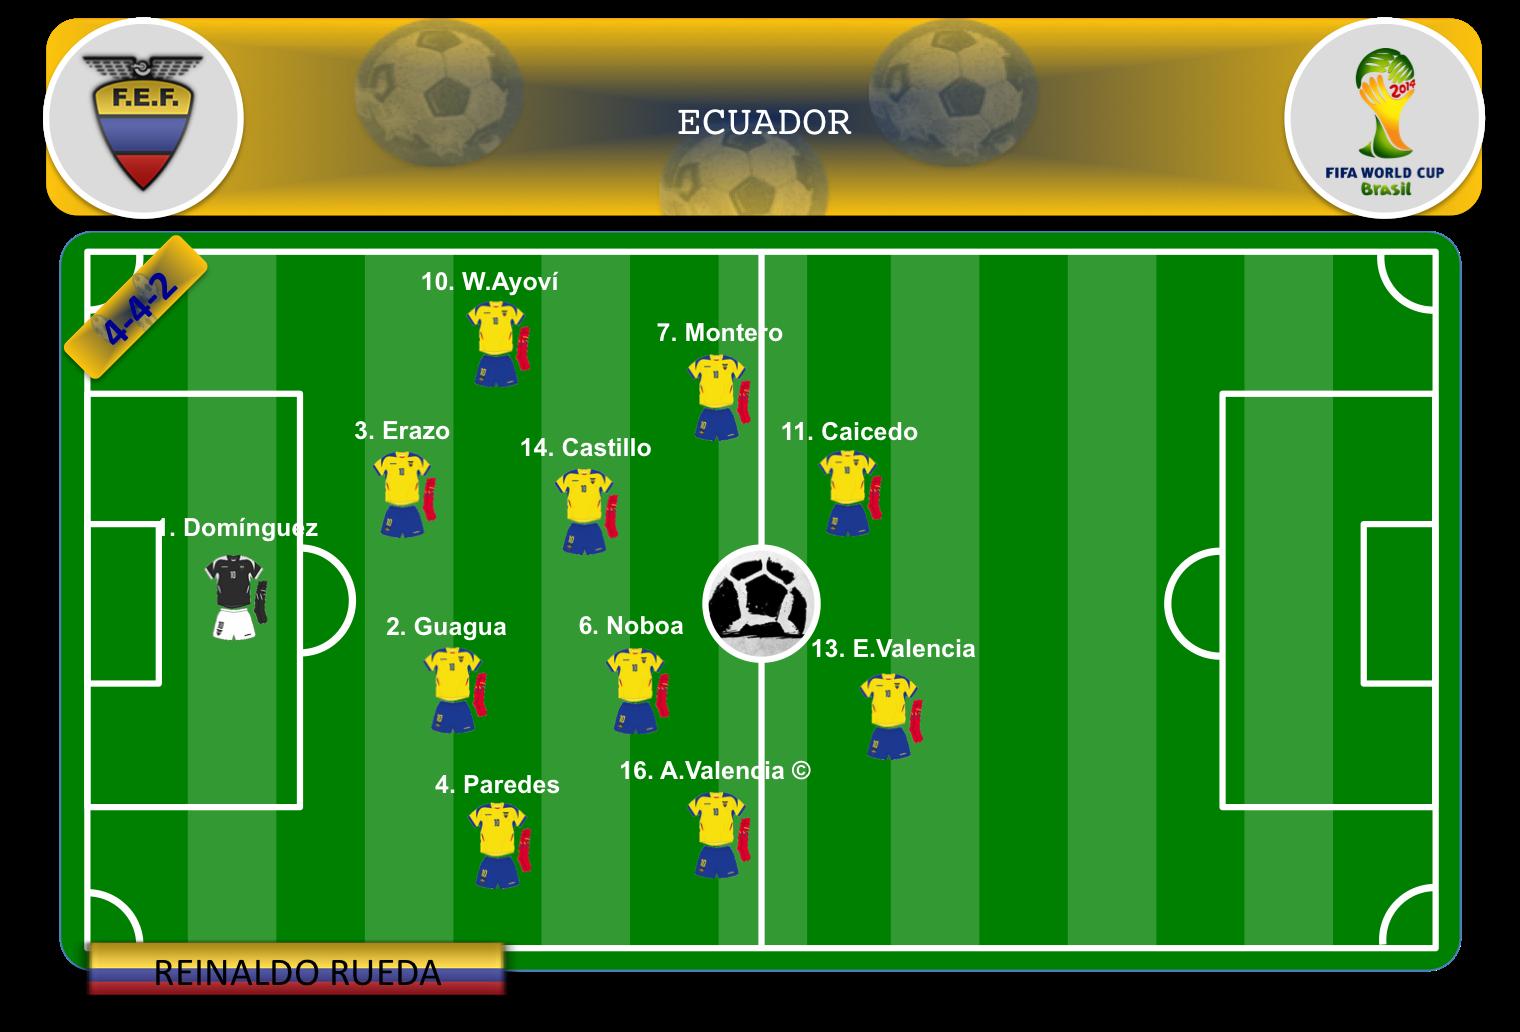 Once ideal de Ecuador